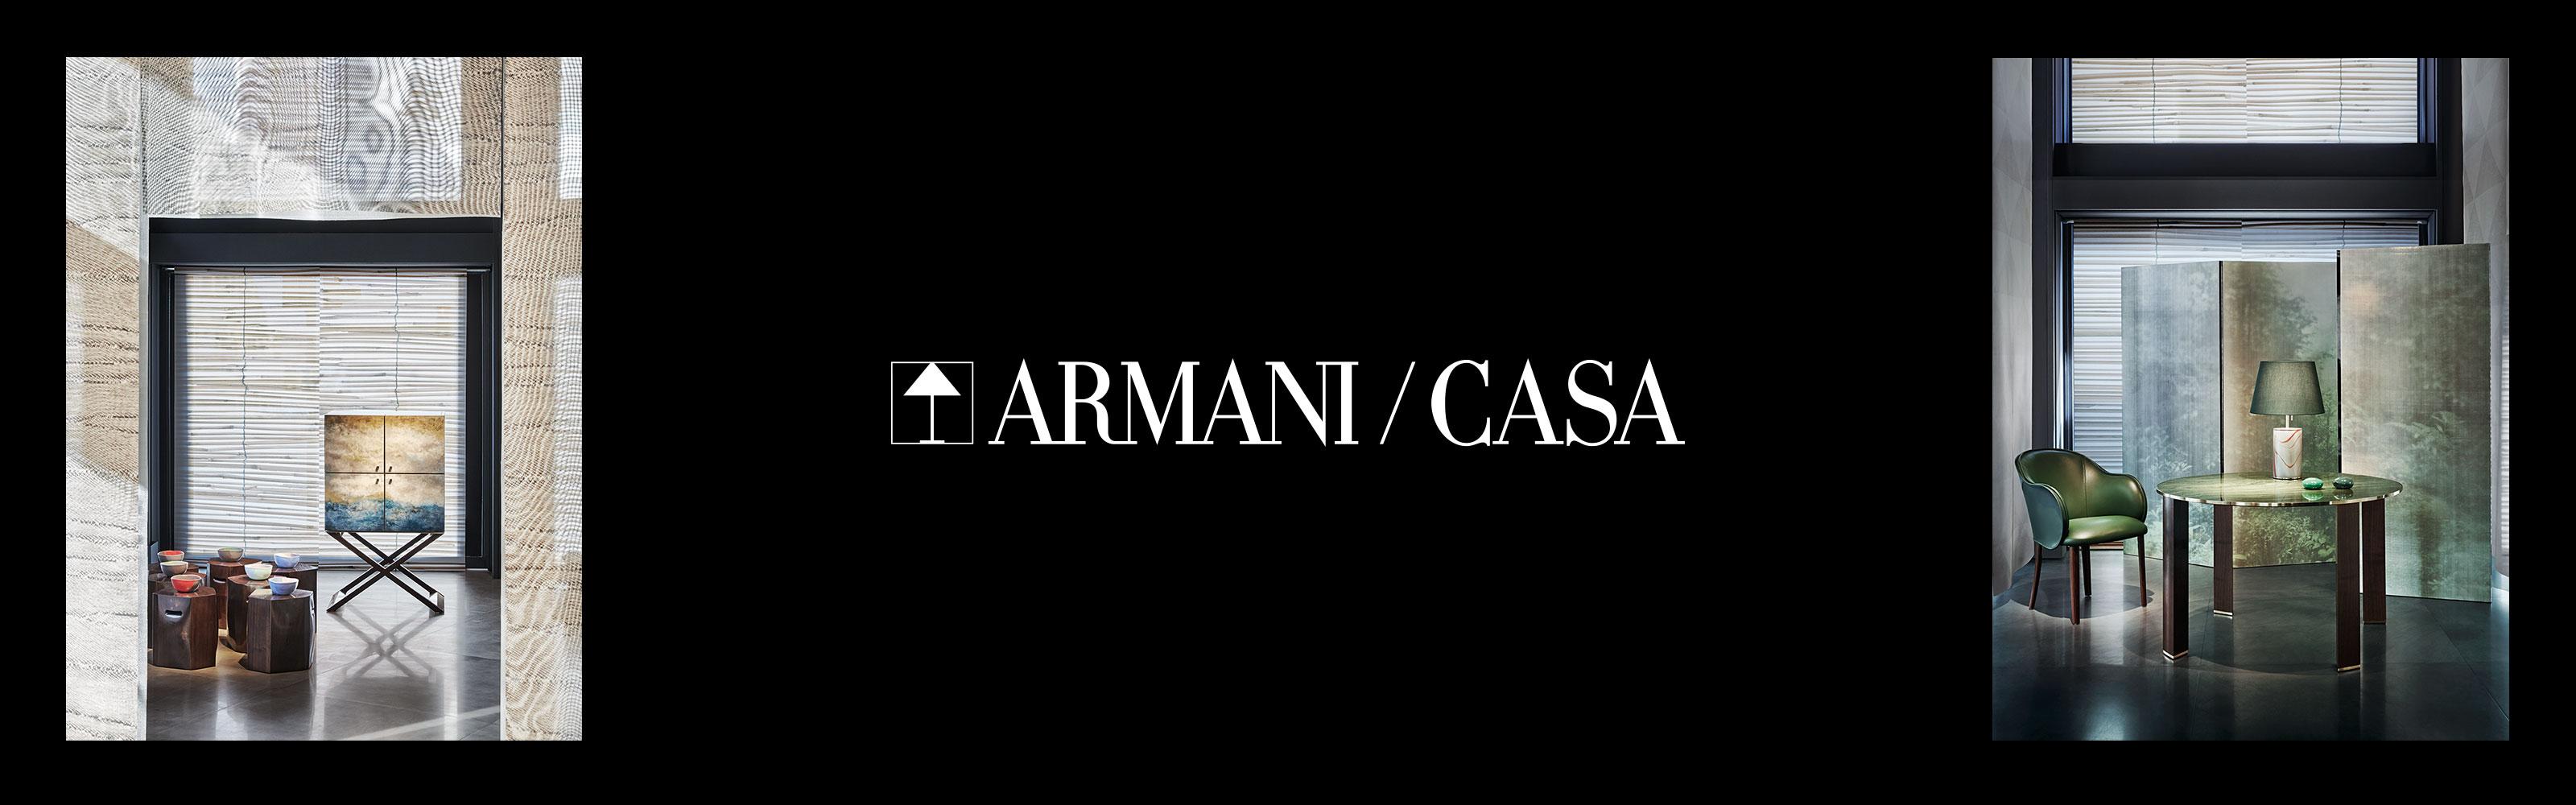 Armani_Casa_Banner